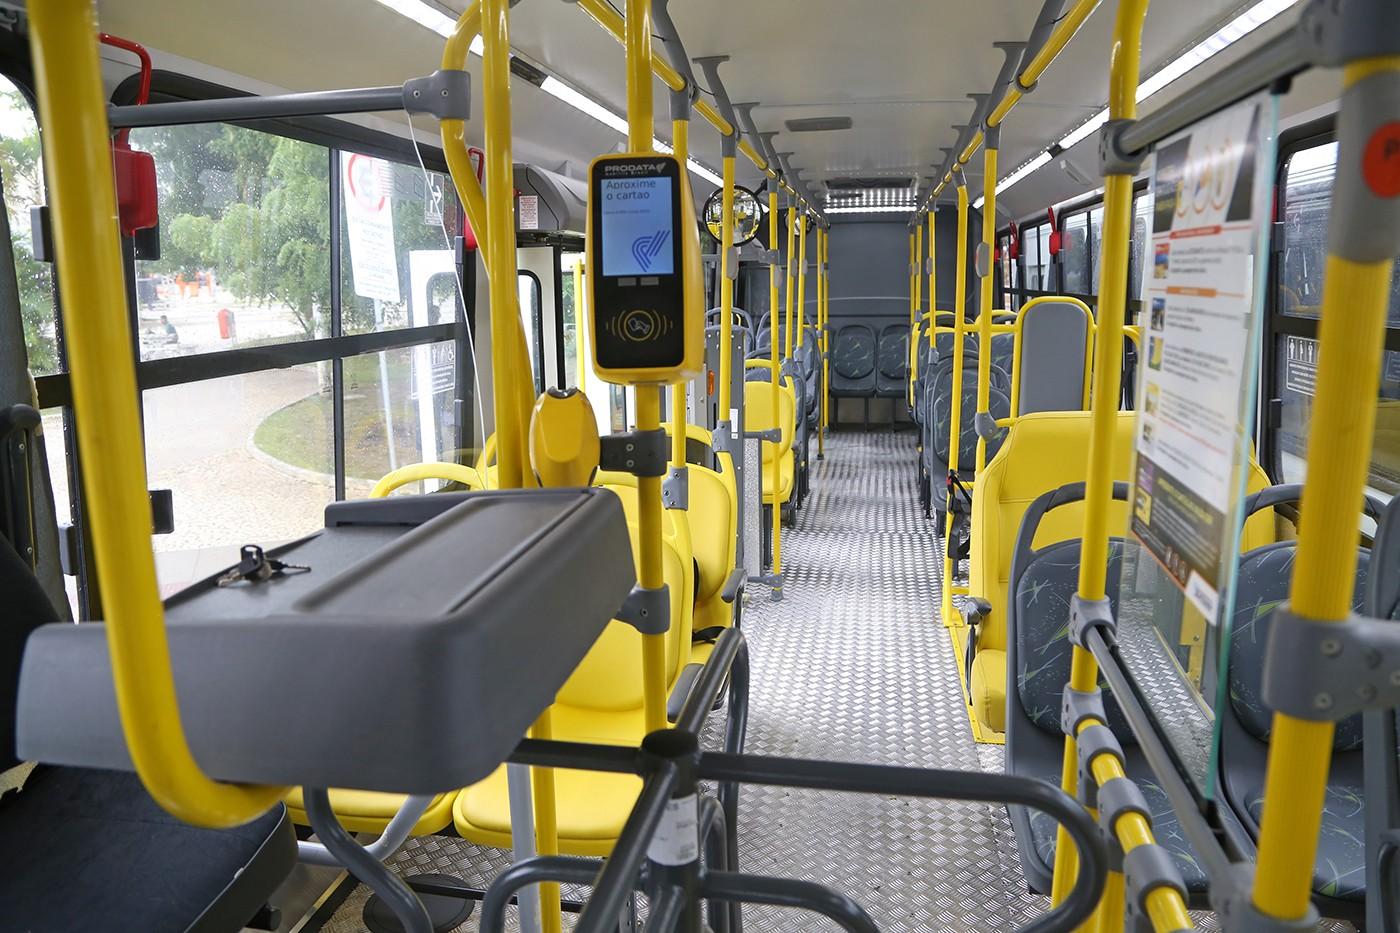 Linhas de ônibus serão alteradas no Bairro Jabotiana, em Aracaju